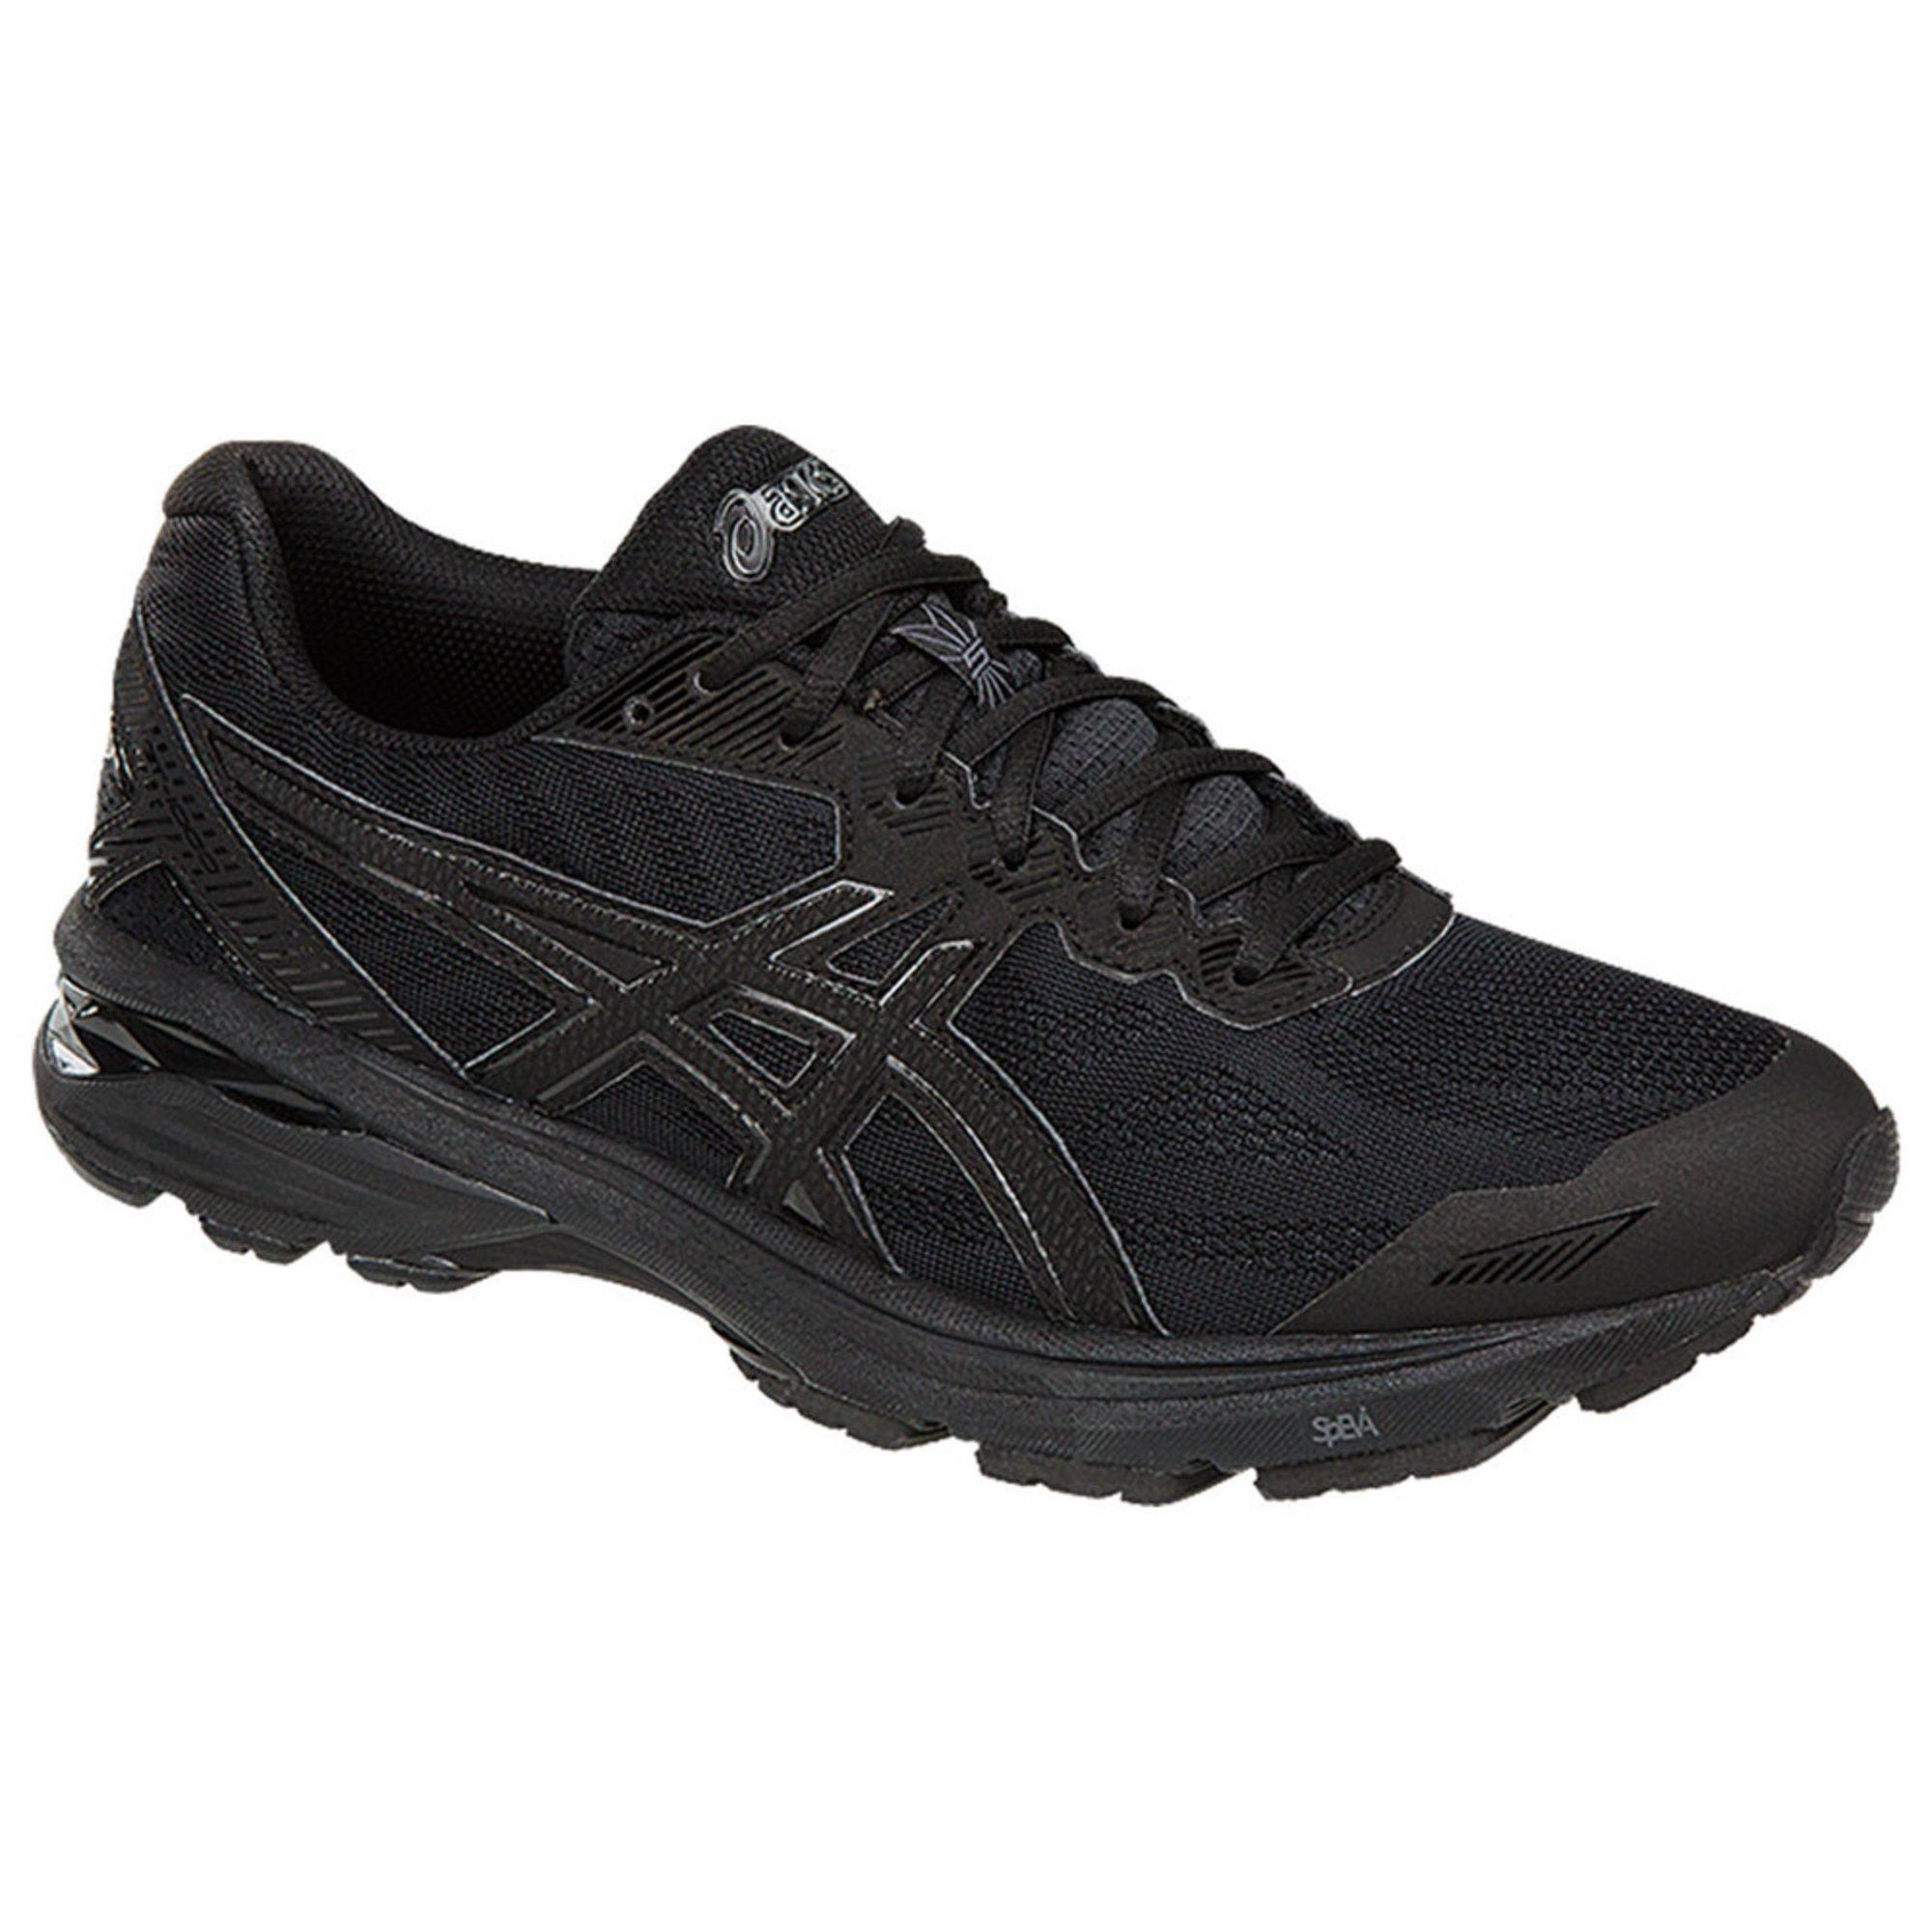 Buy Mens Sneakers - Asics Gt 1000 5 Black/Onyx/Black